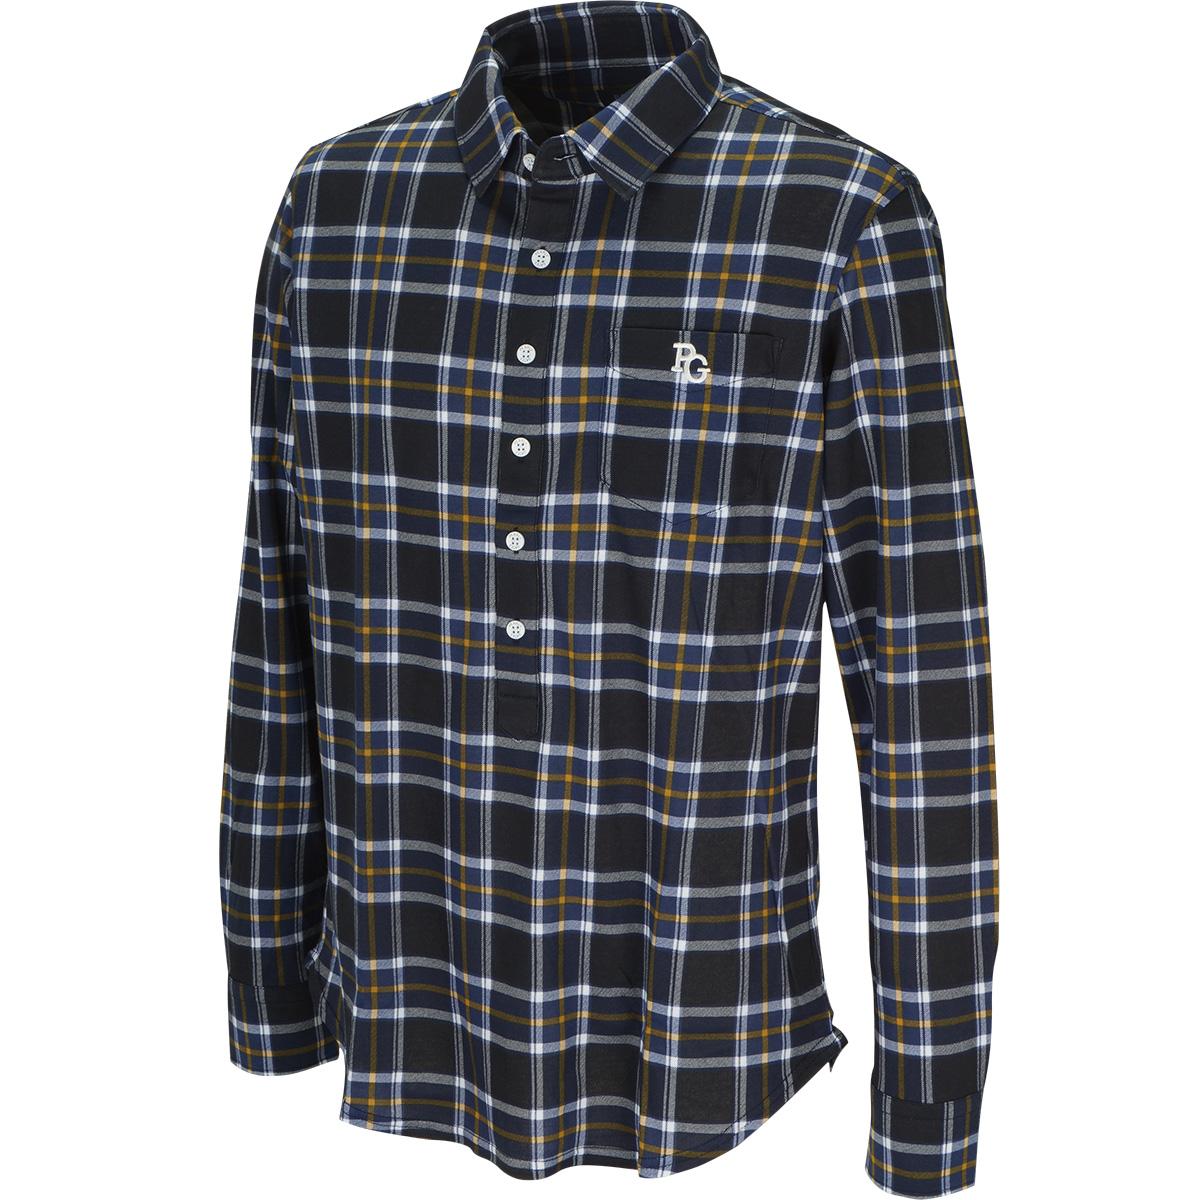 ハイゲージ度詰めポンチ チェック 長袖ポロシャツ